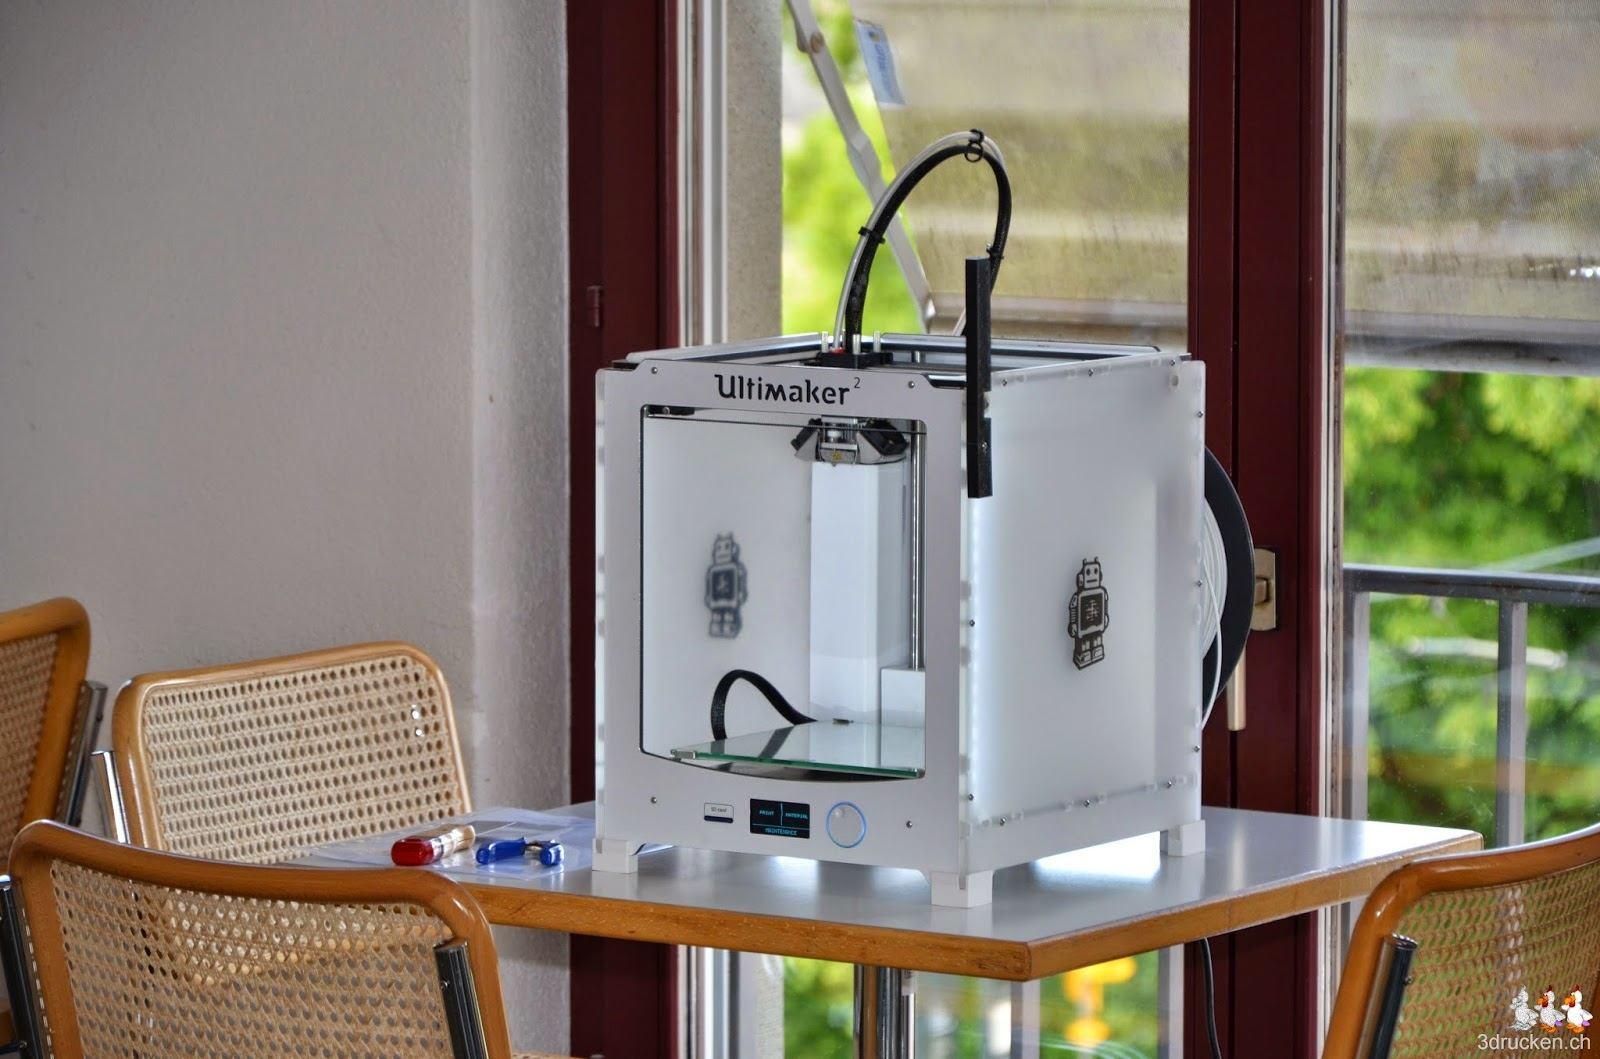 Foto des Ultimaker 2 3D-Druckers, den wir auch zur Verfügung gestellt haben